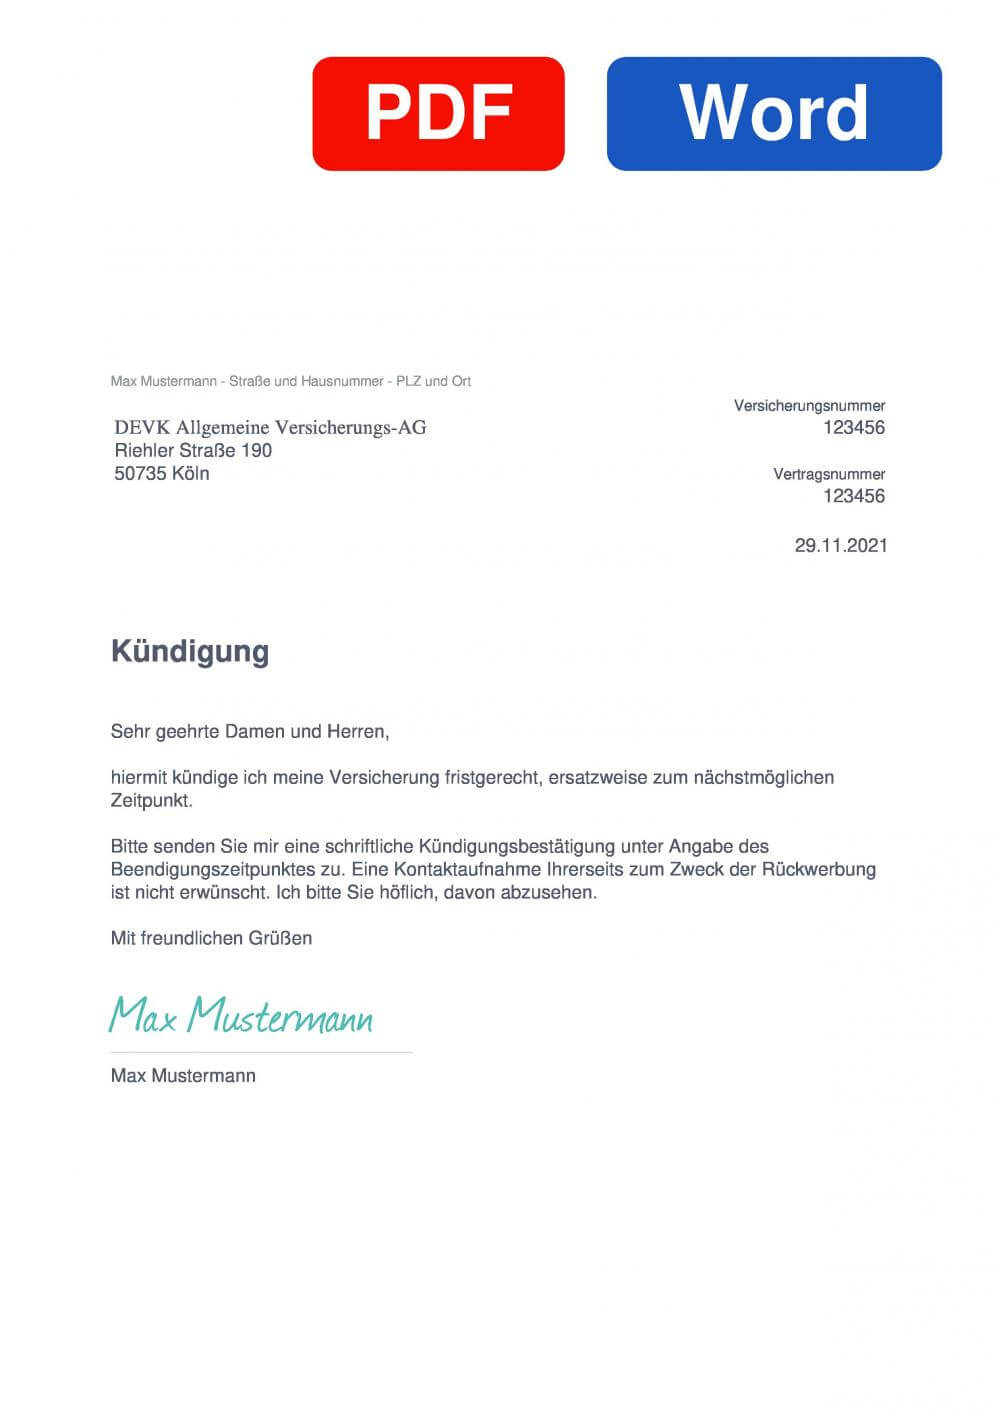 DEVK Riester Rente Muster Vorlage für Kündigungsschreiben